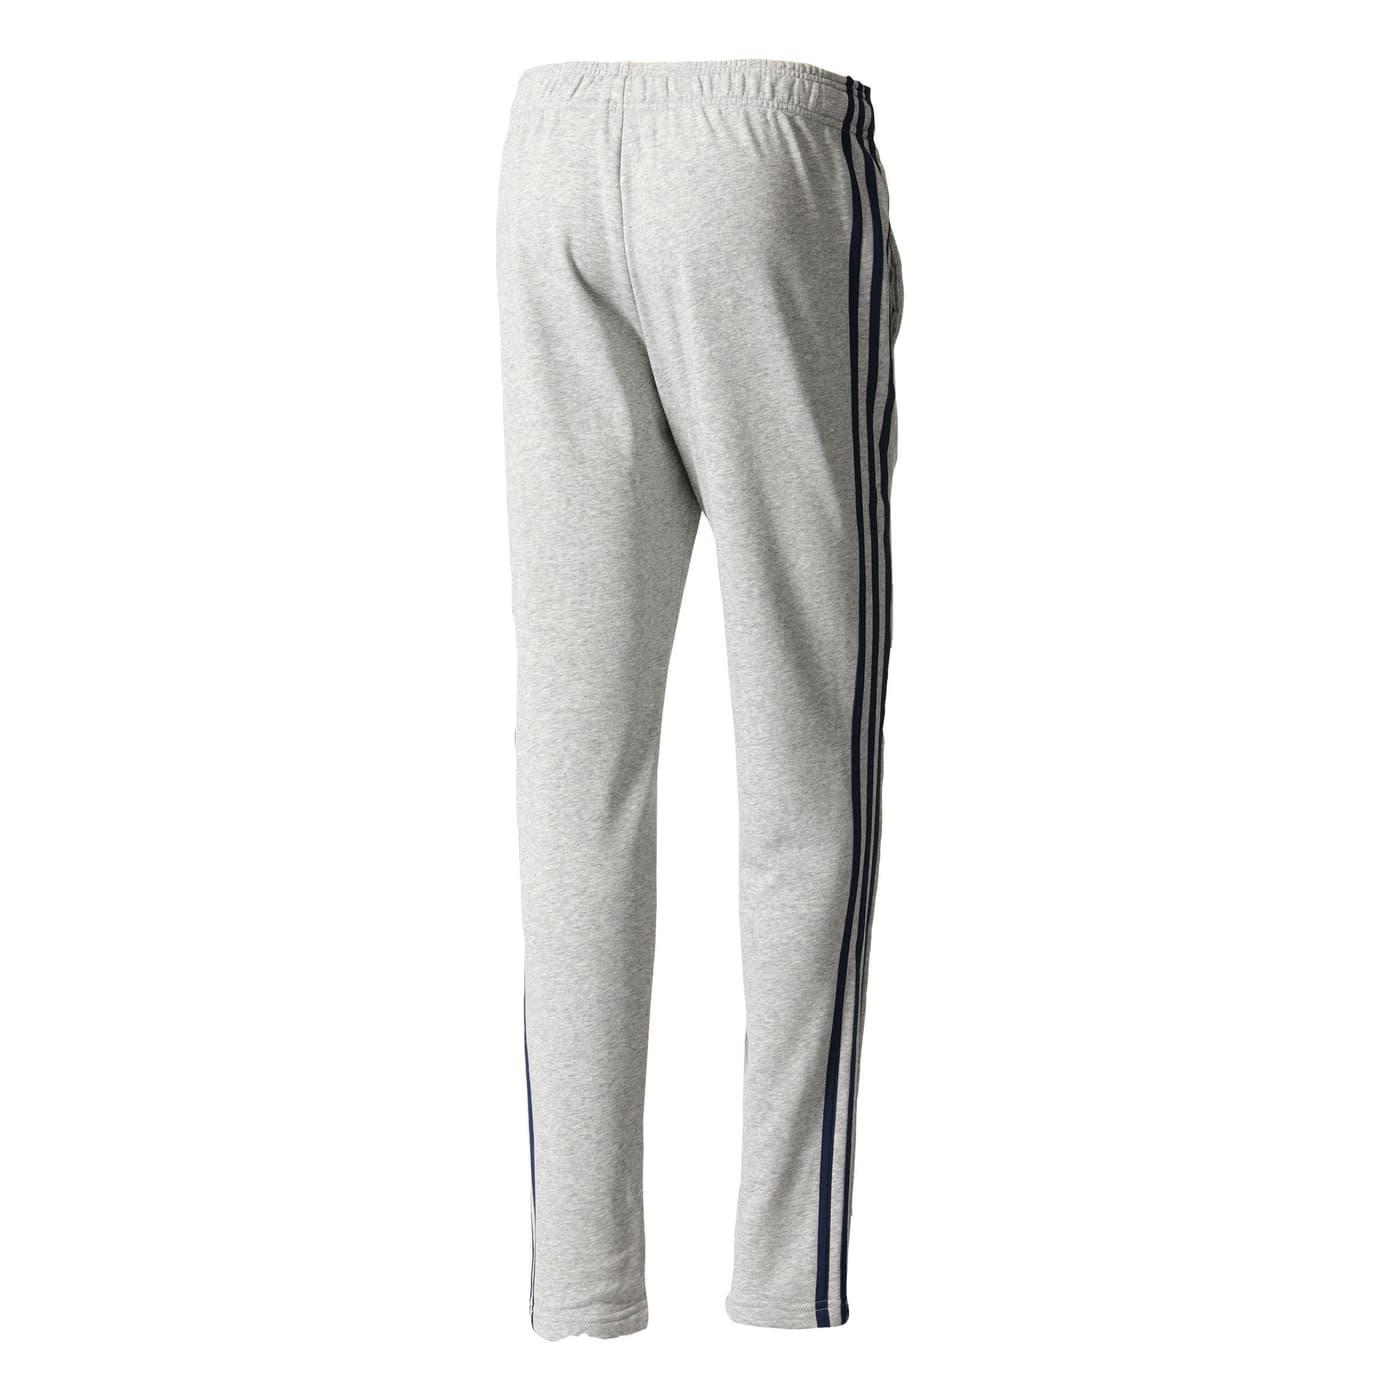 Adidas Essential 3 Streifen Hose Herren Hose